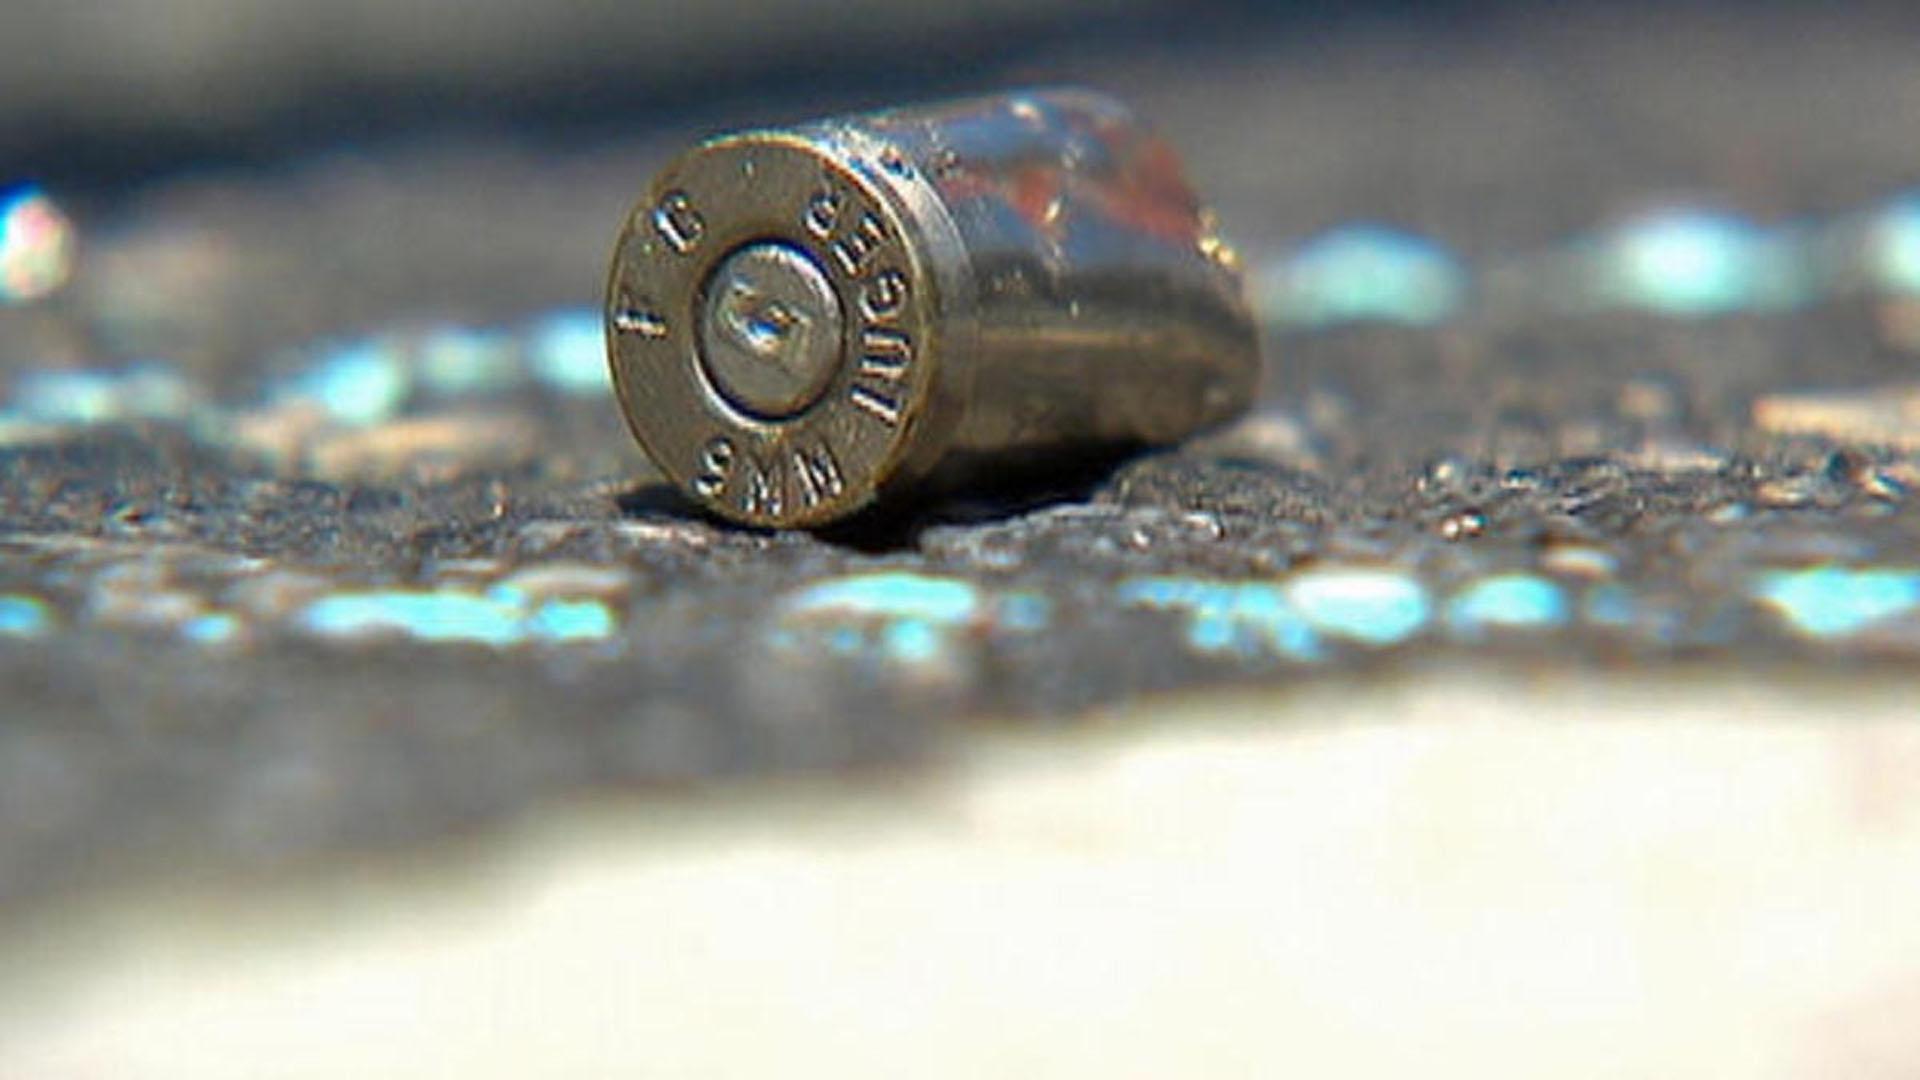 El joven manipulaba un arma de la familia que se disparó y provocó la muerte de chico de 16 años